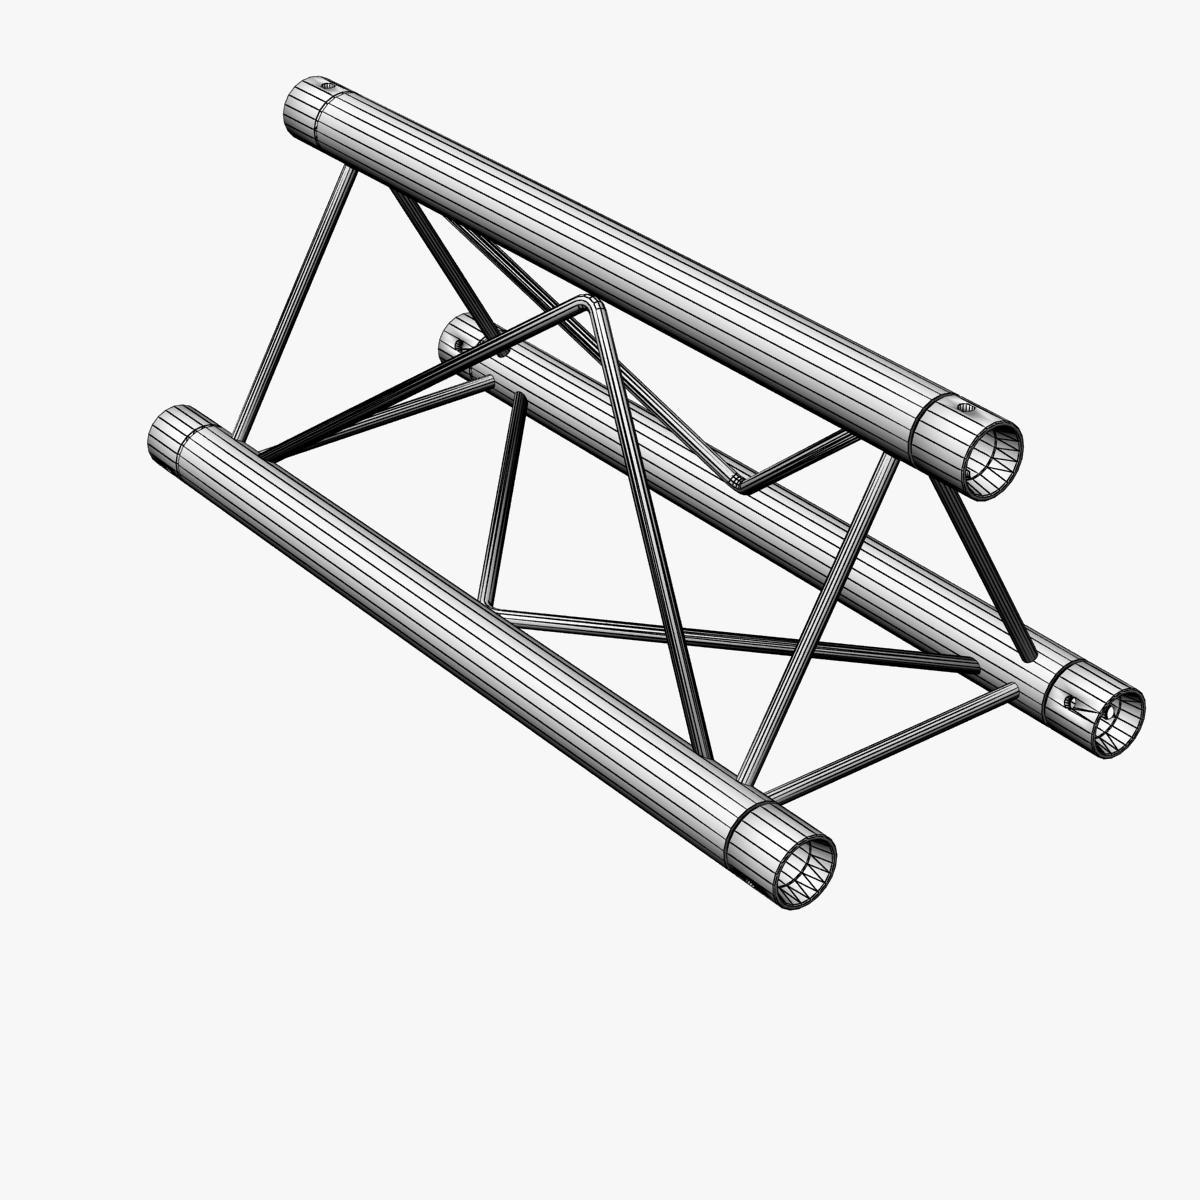 Mini Triangular Truss Straight Segment 111 3d model 3ds max dxf fbx c4d   obj 268880